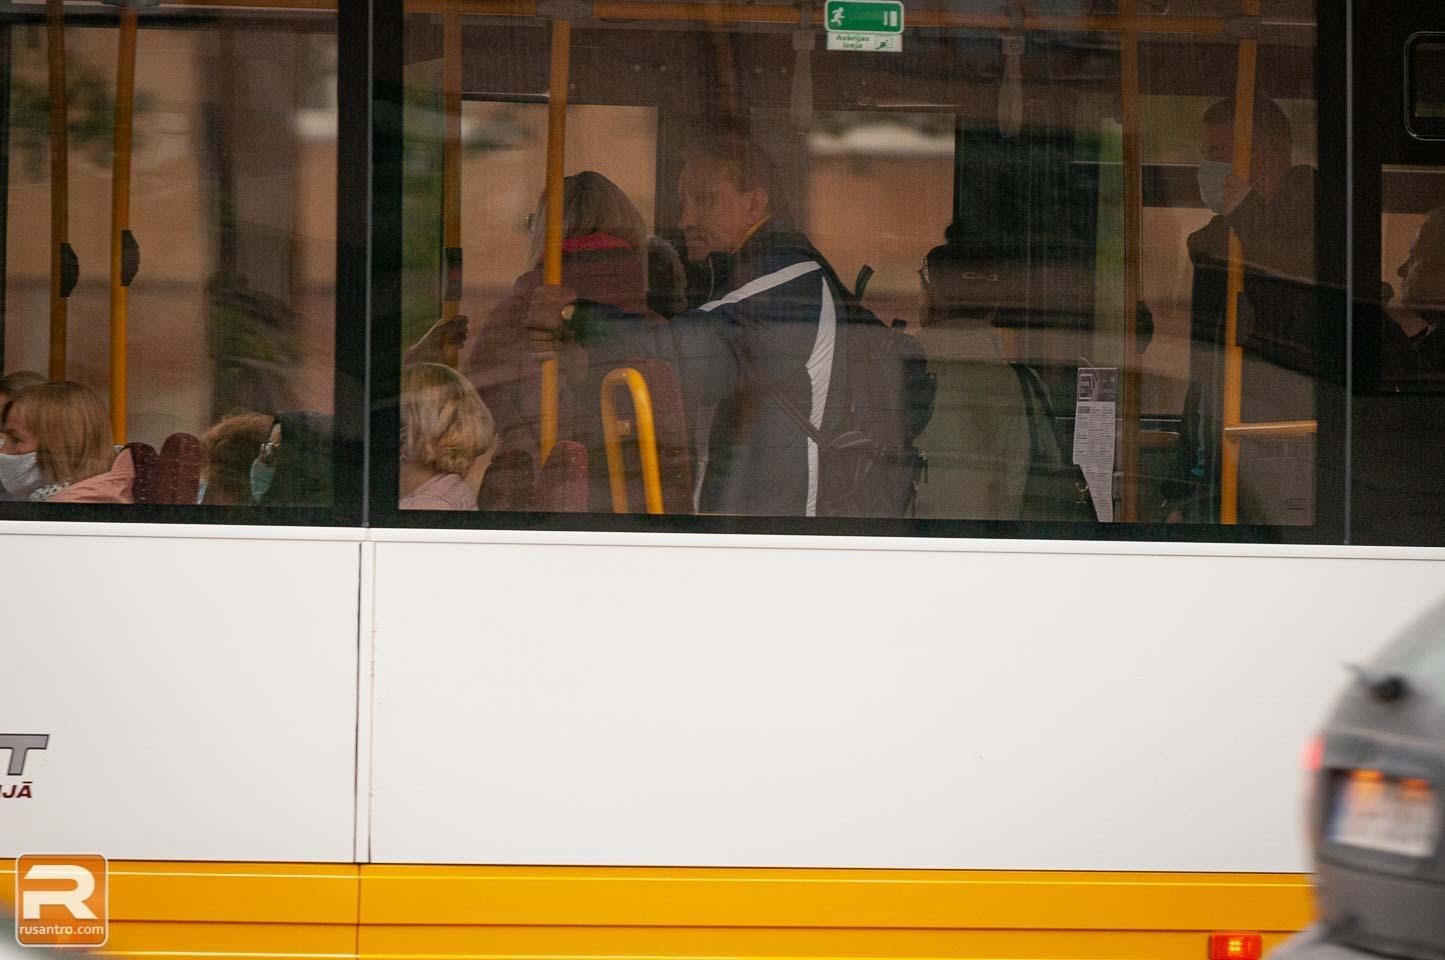 Cilvēki autobusā ar sejas maskām